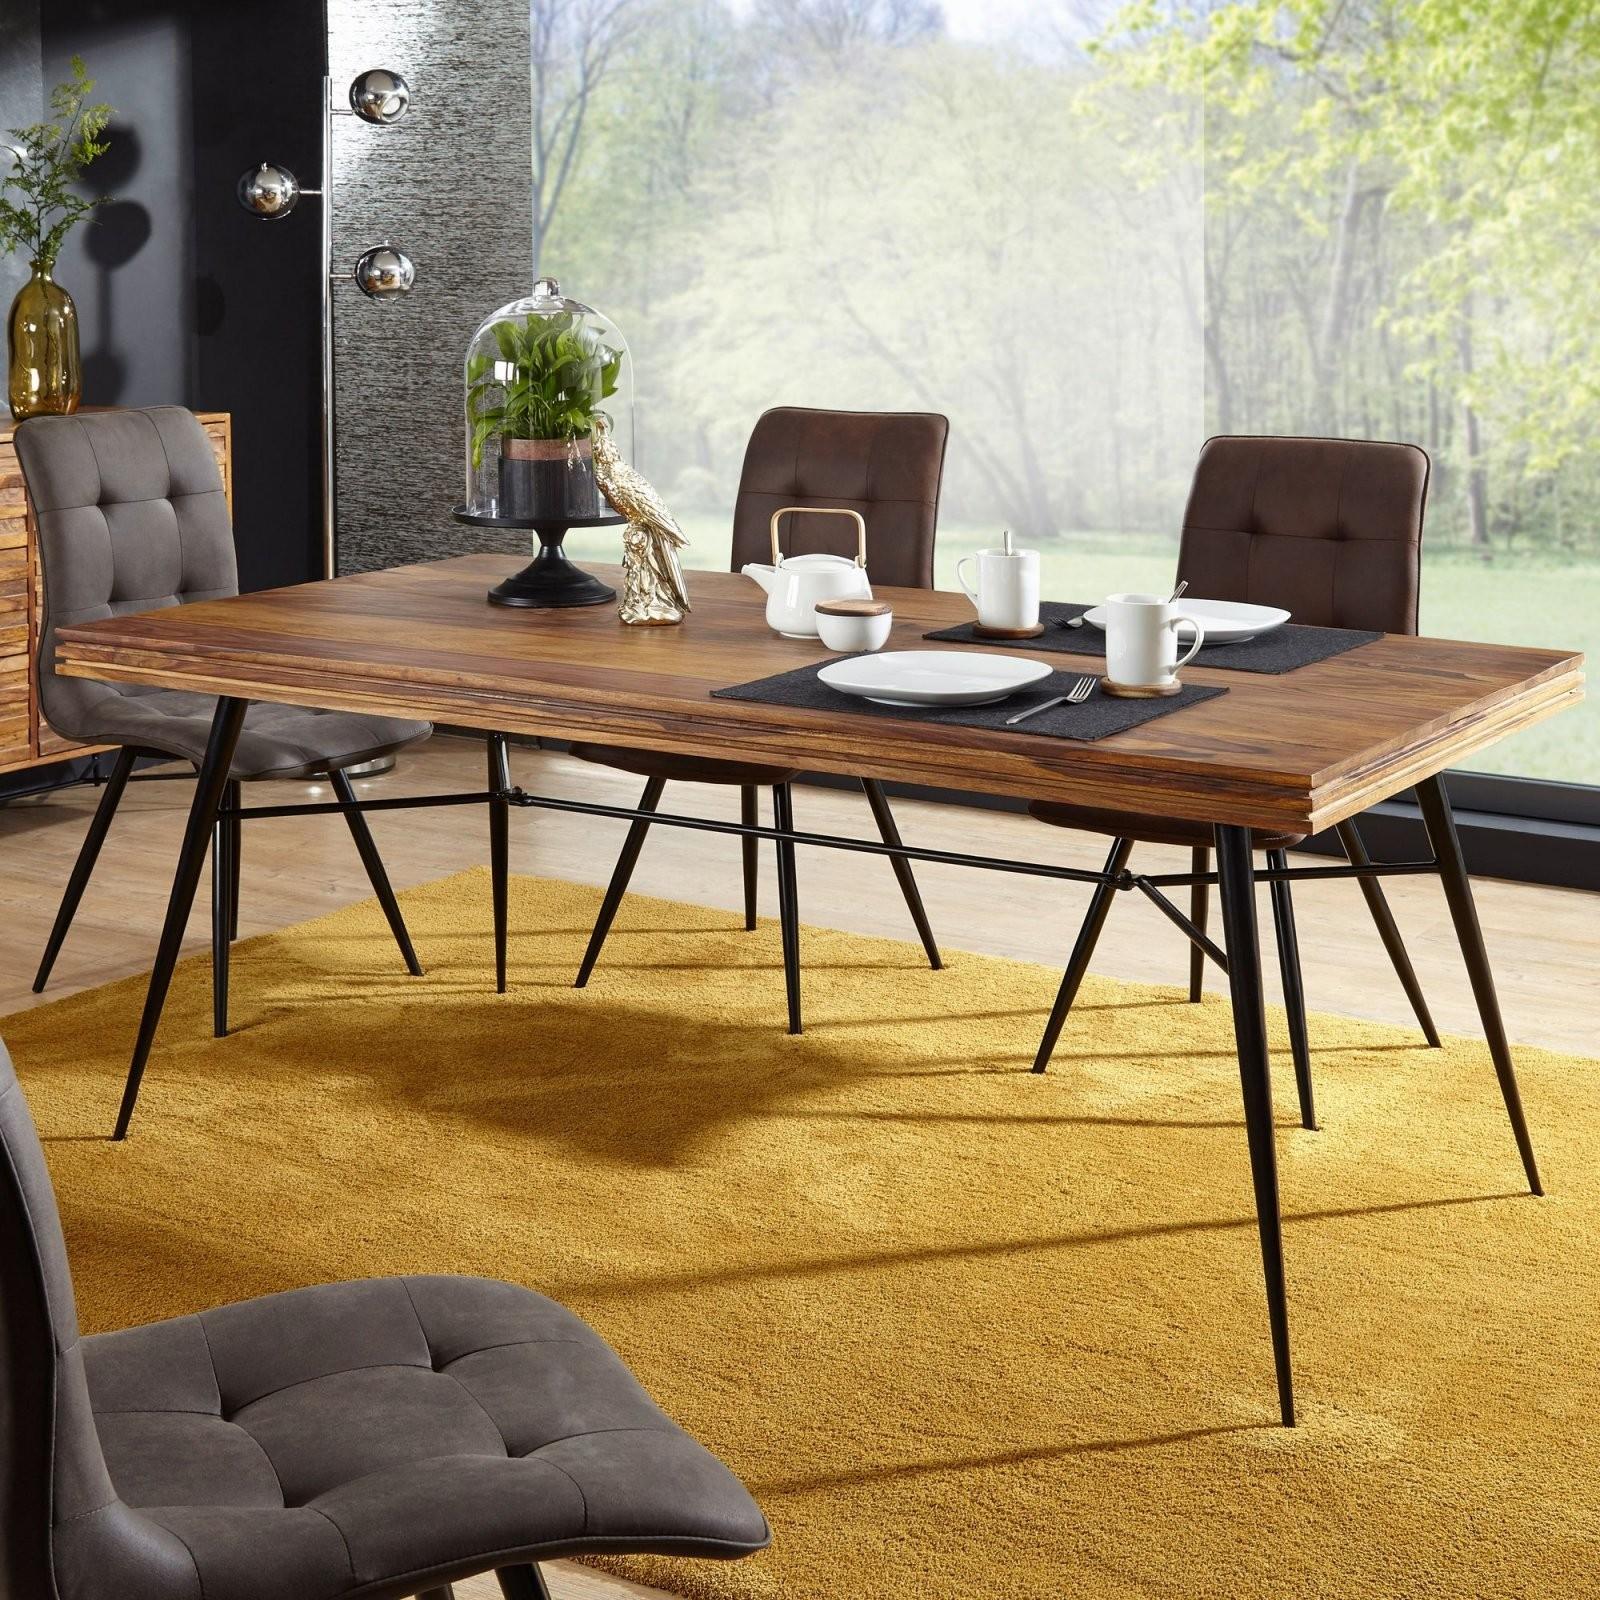 Esszimmertisch Holz 200X77X100 Cm Günstig Kaufen von Tisch Mit Metallgestell Und Holzplatte Photo